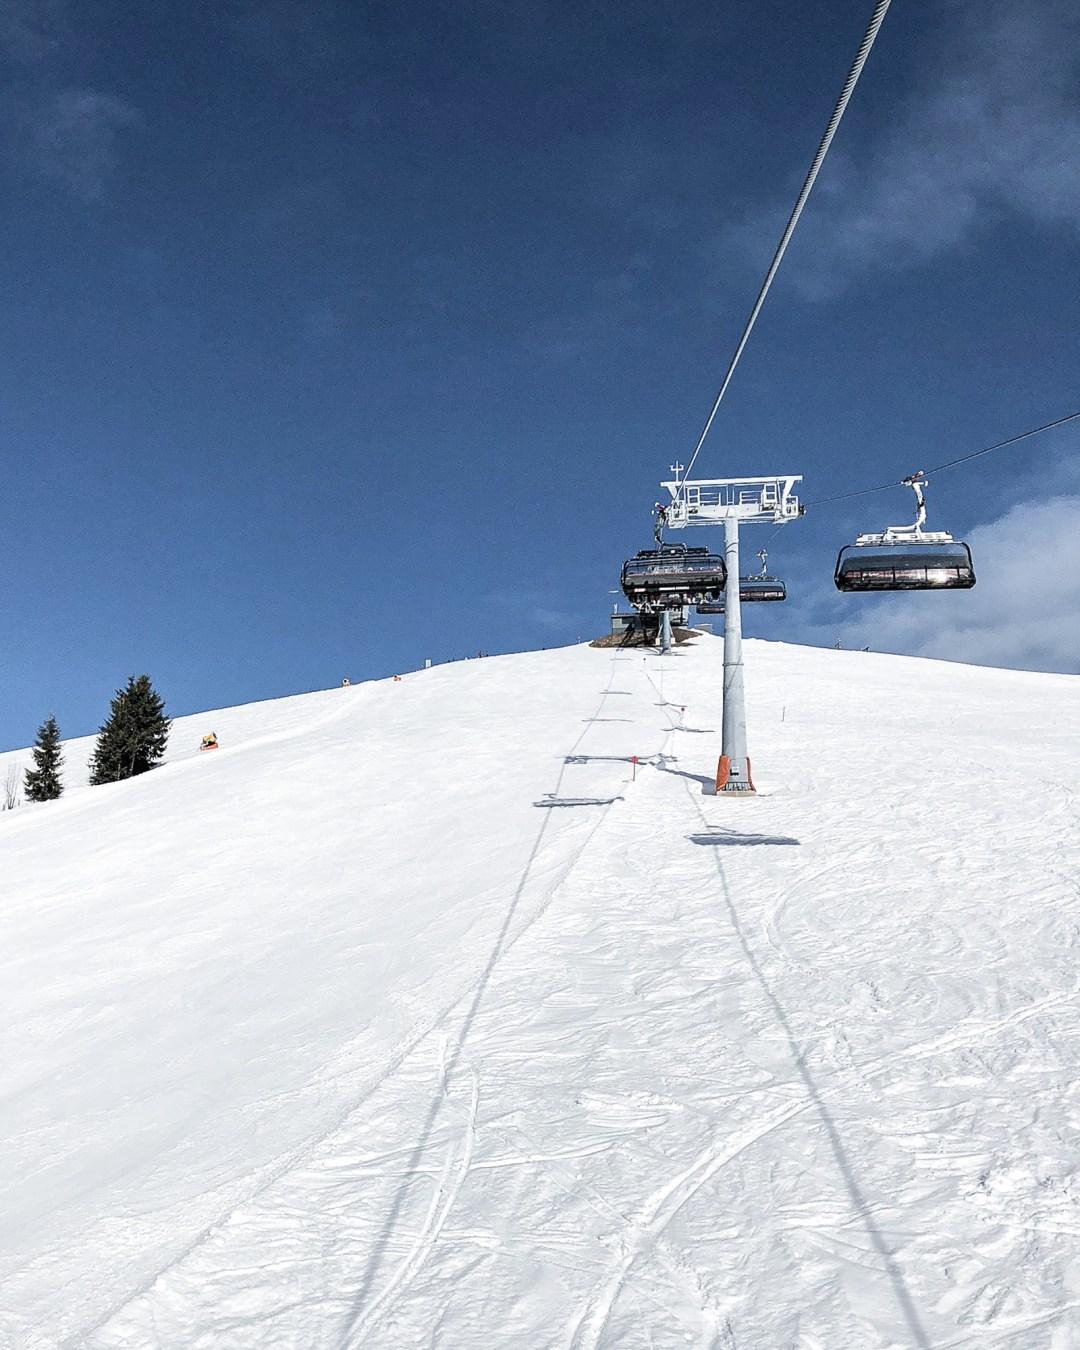 inastil, Ü50Blogger, Skiurlaub, Tirol, skifahren, Reiseblogger, Urlaub in Österreich, Skitage, Bergblick, Ausblick, Skiregion Brixental Wilder Kaiser, Skimode-38